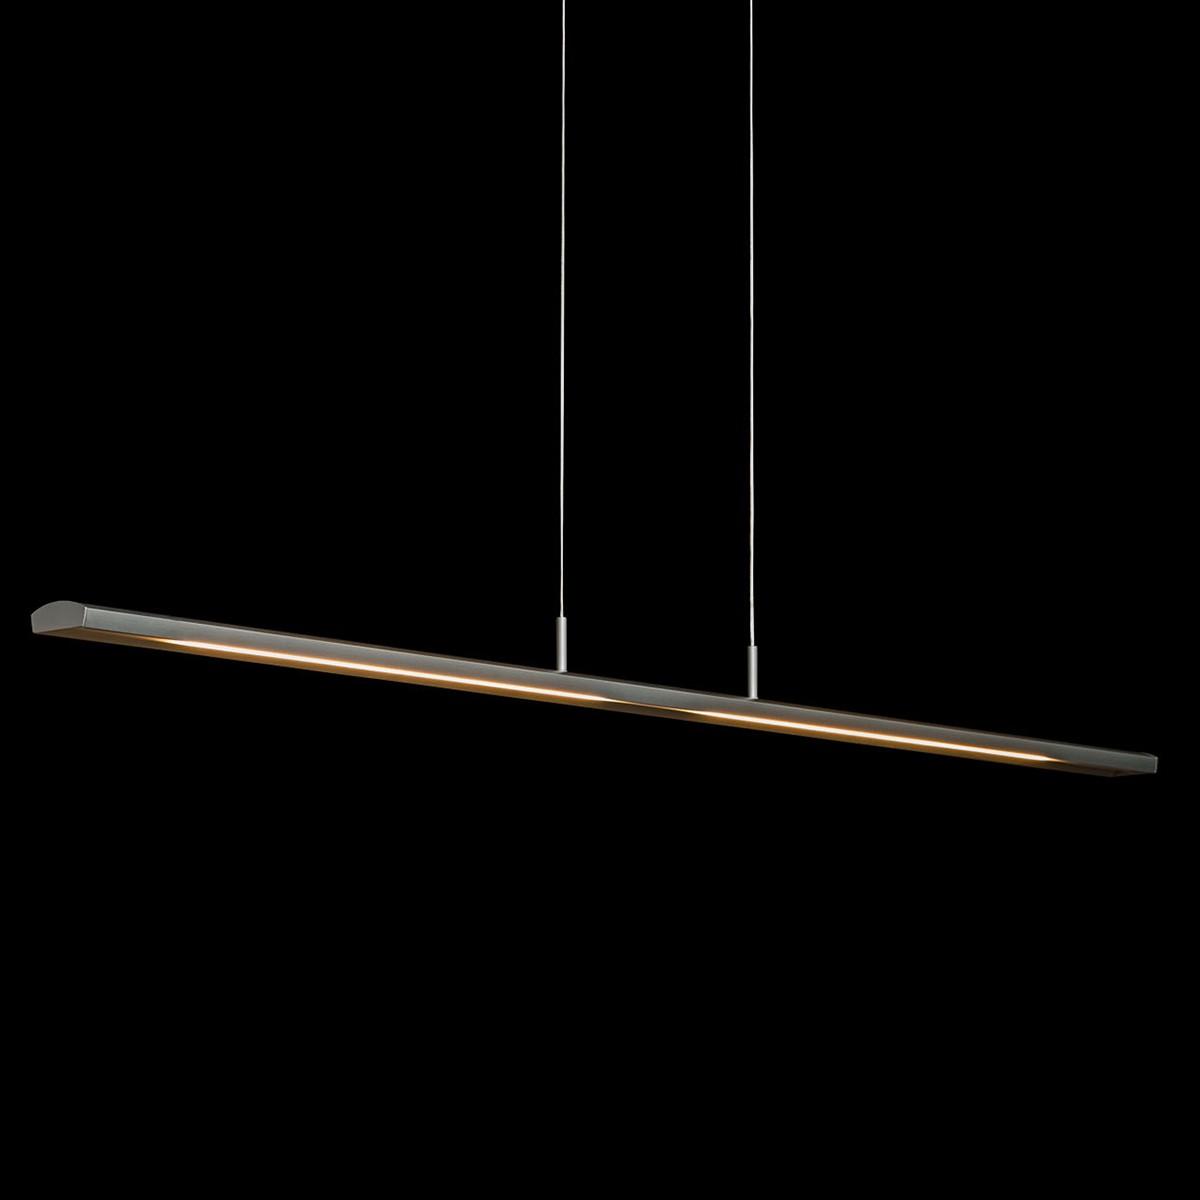 Holtkötter Leuchten Alpha Pendelleuchte mit Casambi-Modul, Länge: 125 cm / Silber matt